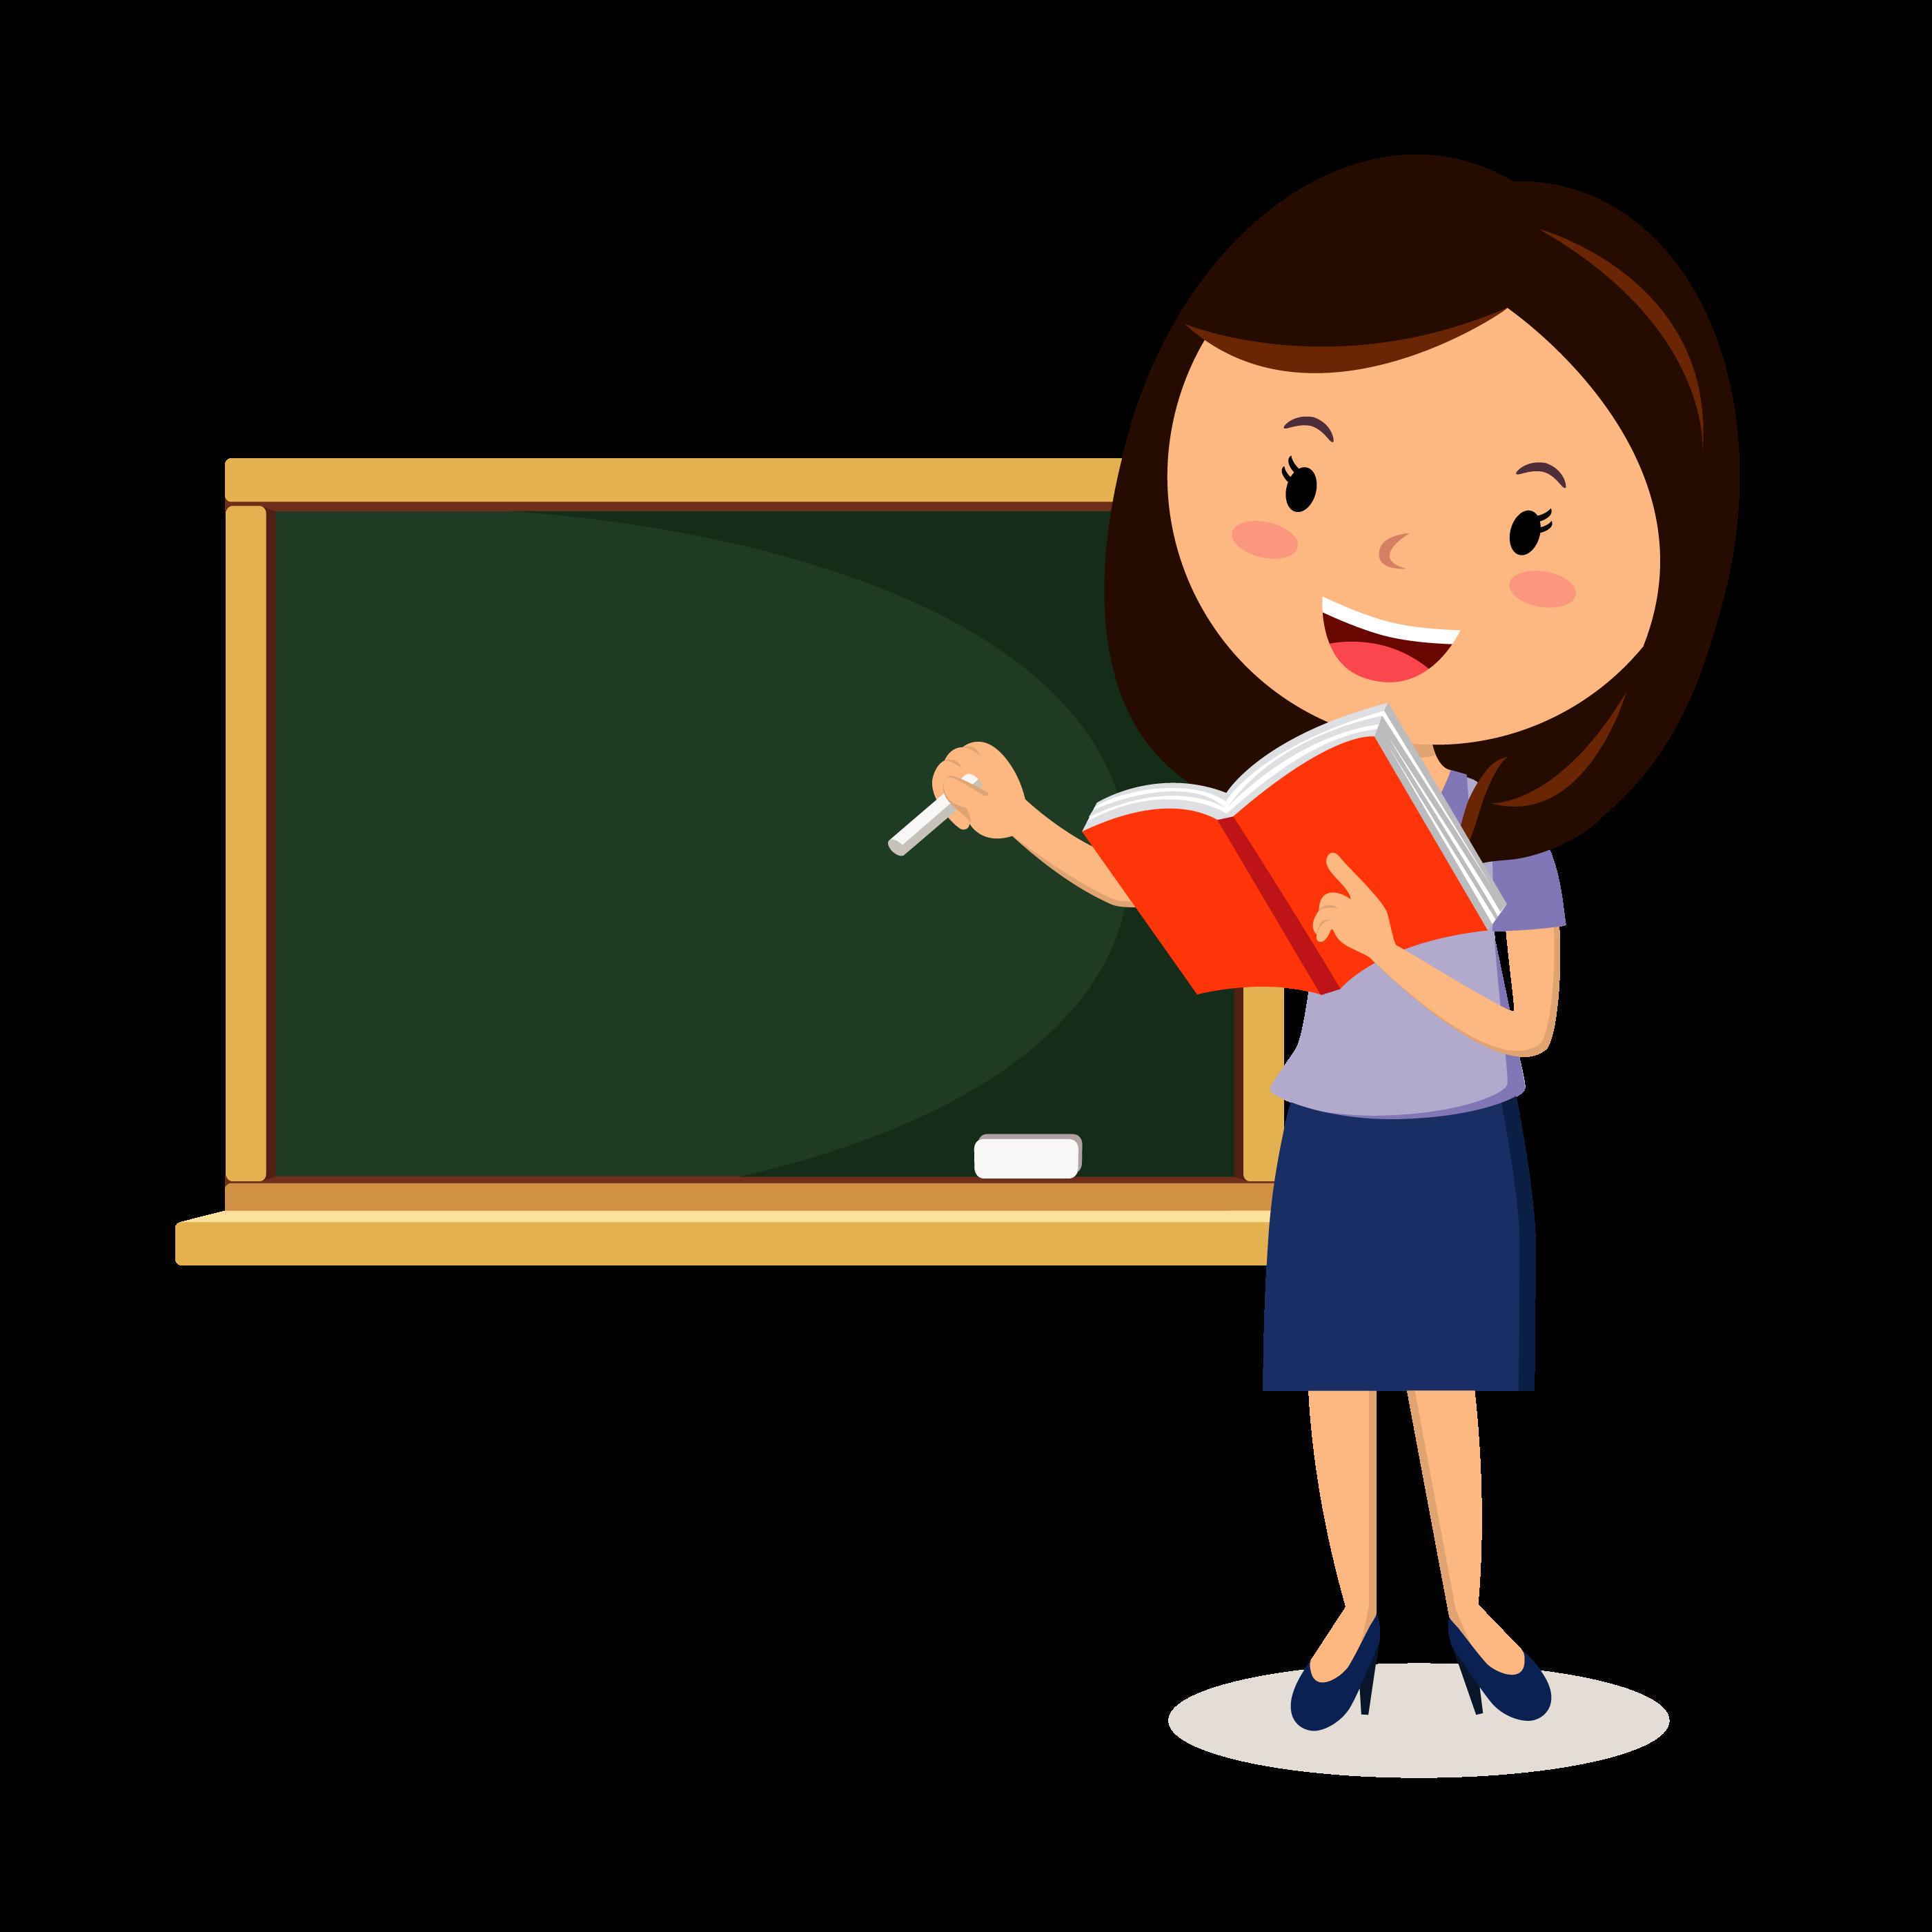 Учитель картинки для презентации без фона